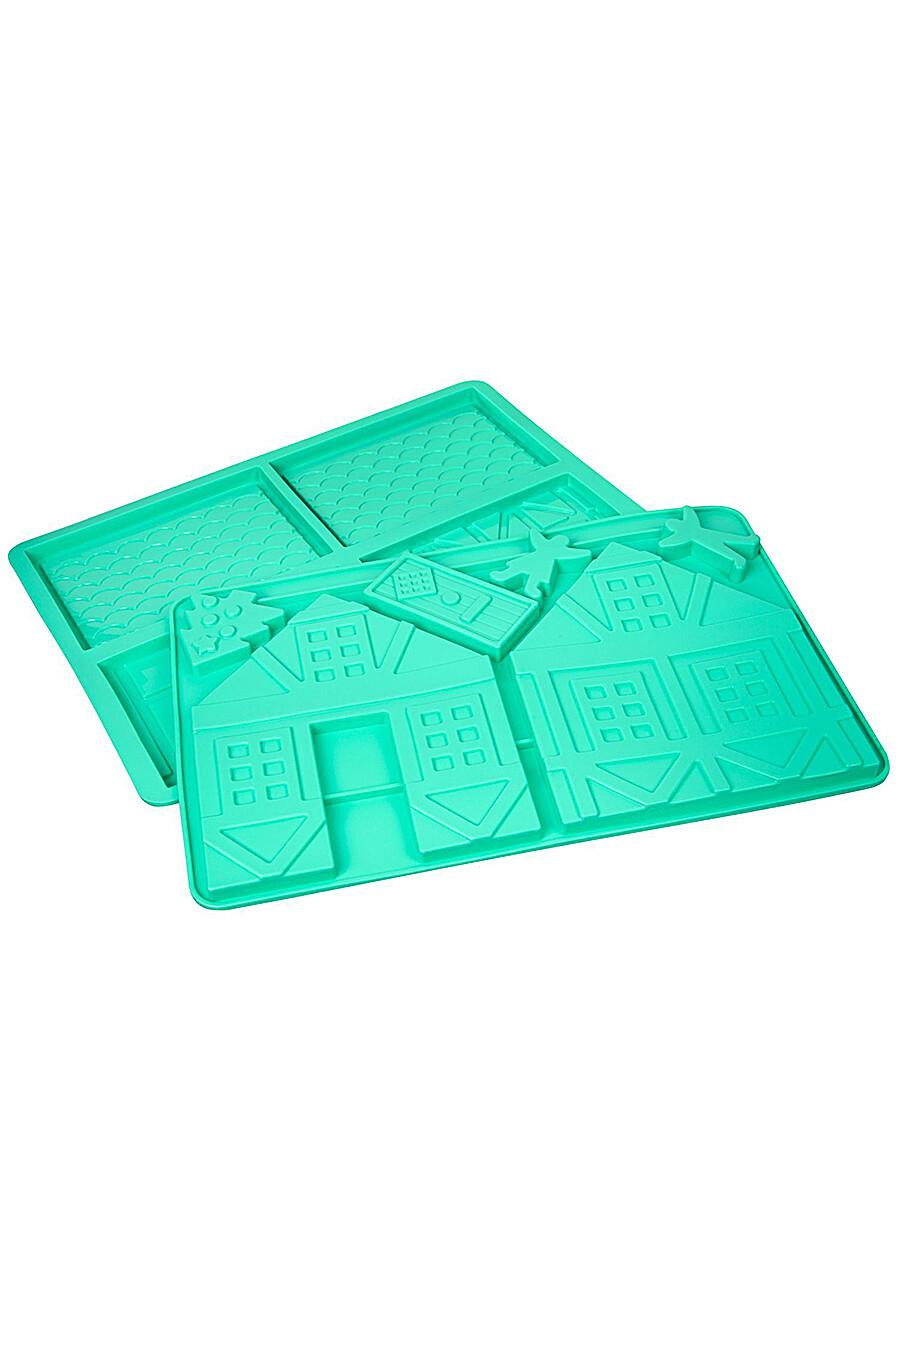 Французские опыты для детей BONDIBON 157694 купить оптом от производителя. Совместная покупка игрушек в OptMoyo